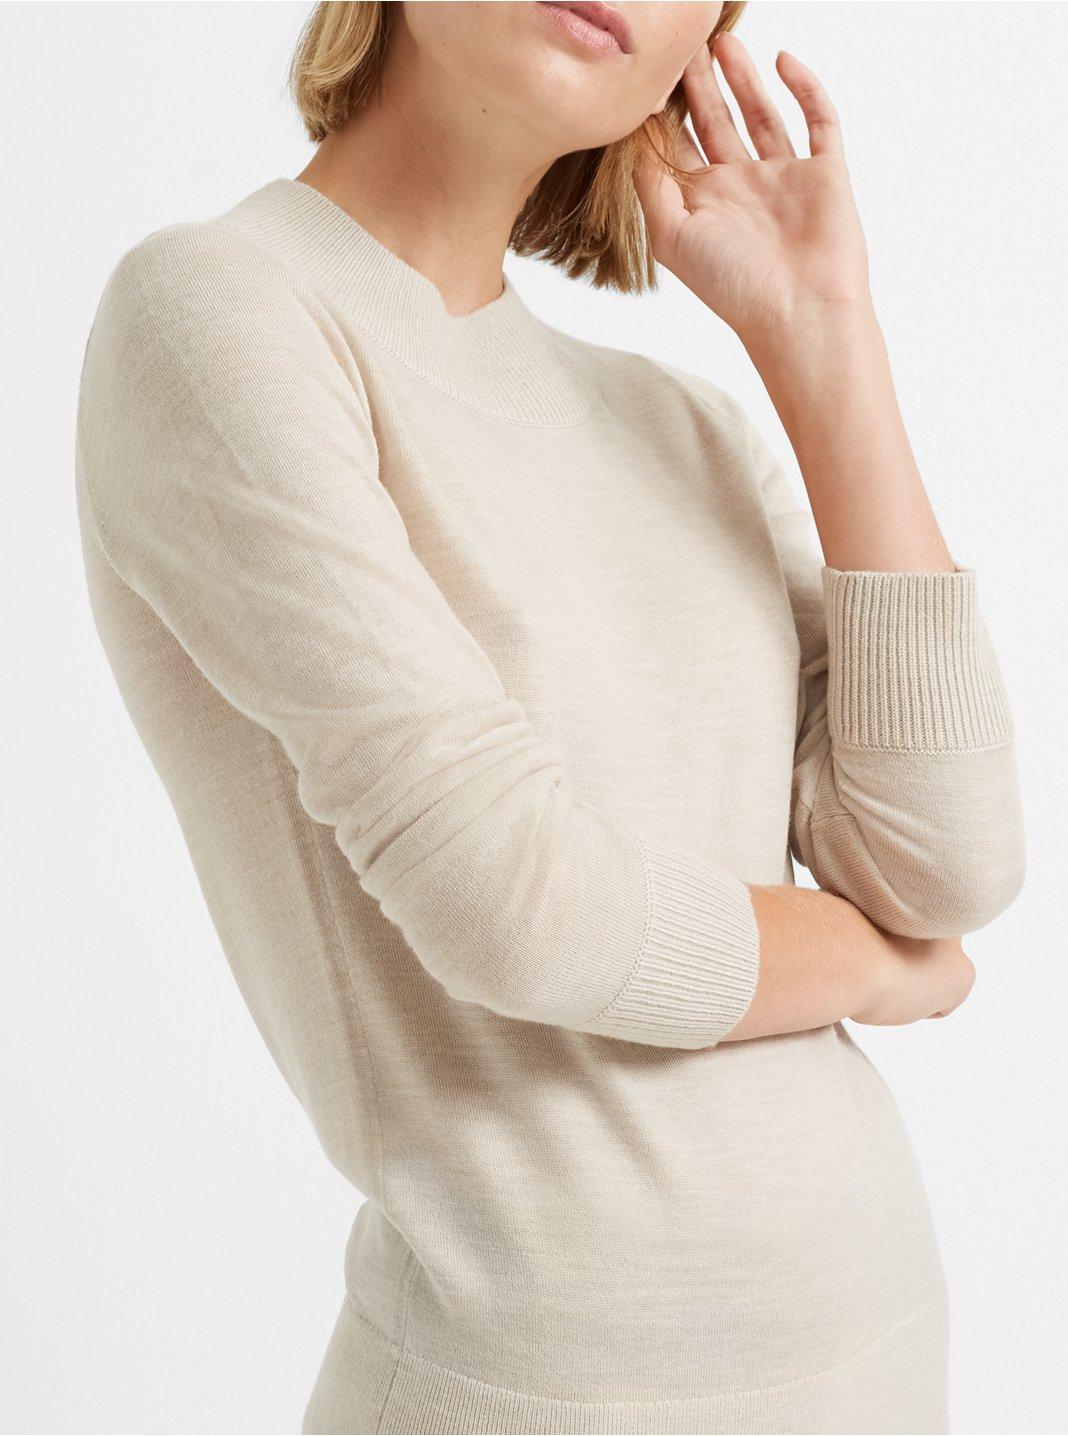 Malona Merino Sweater